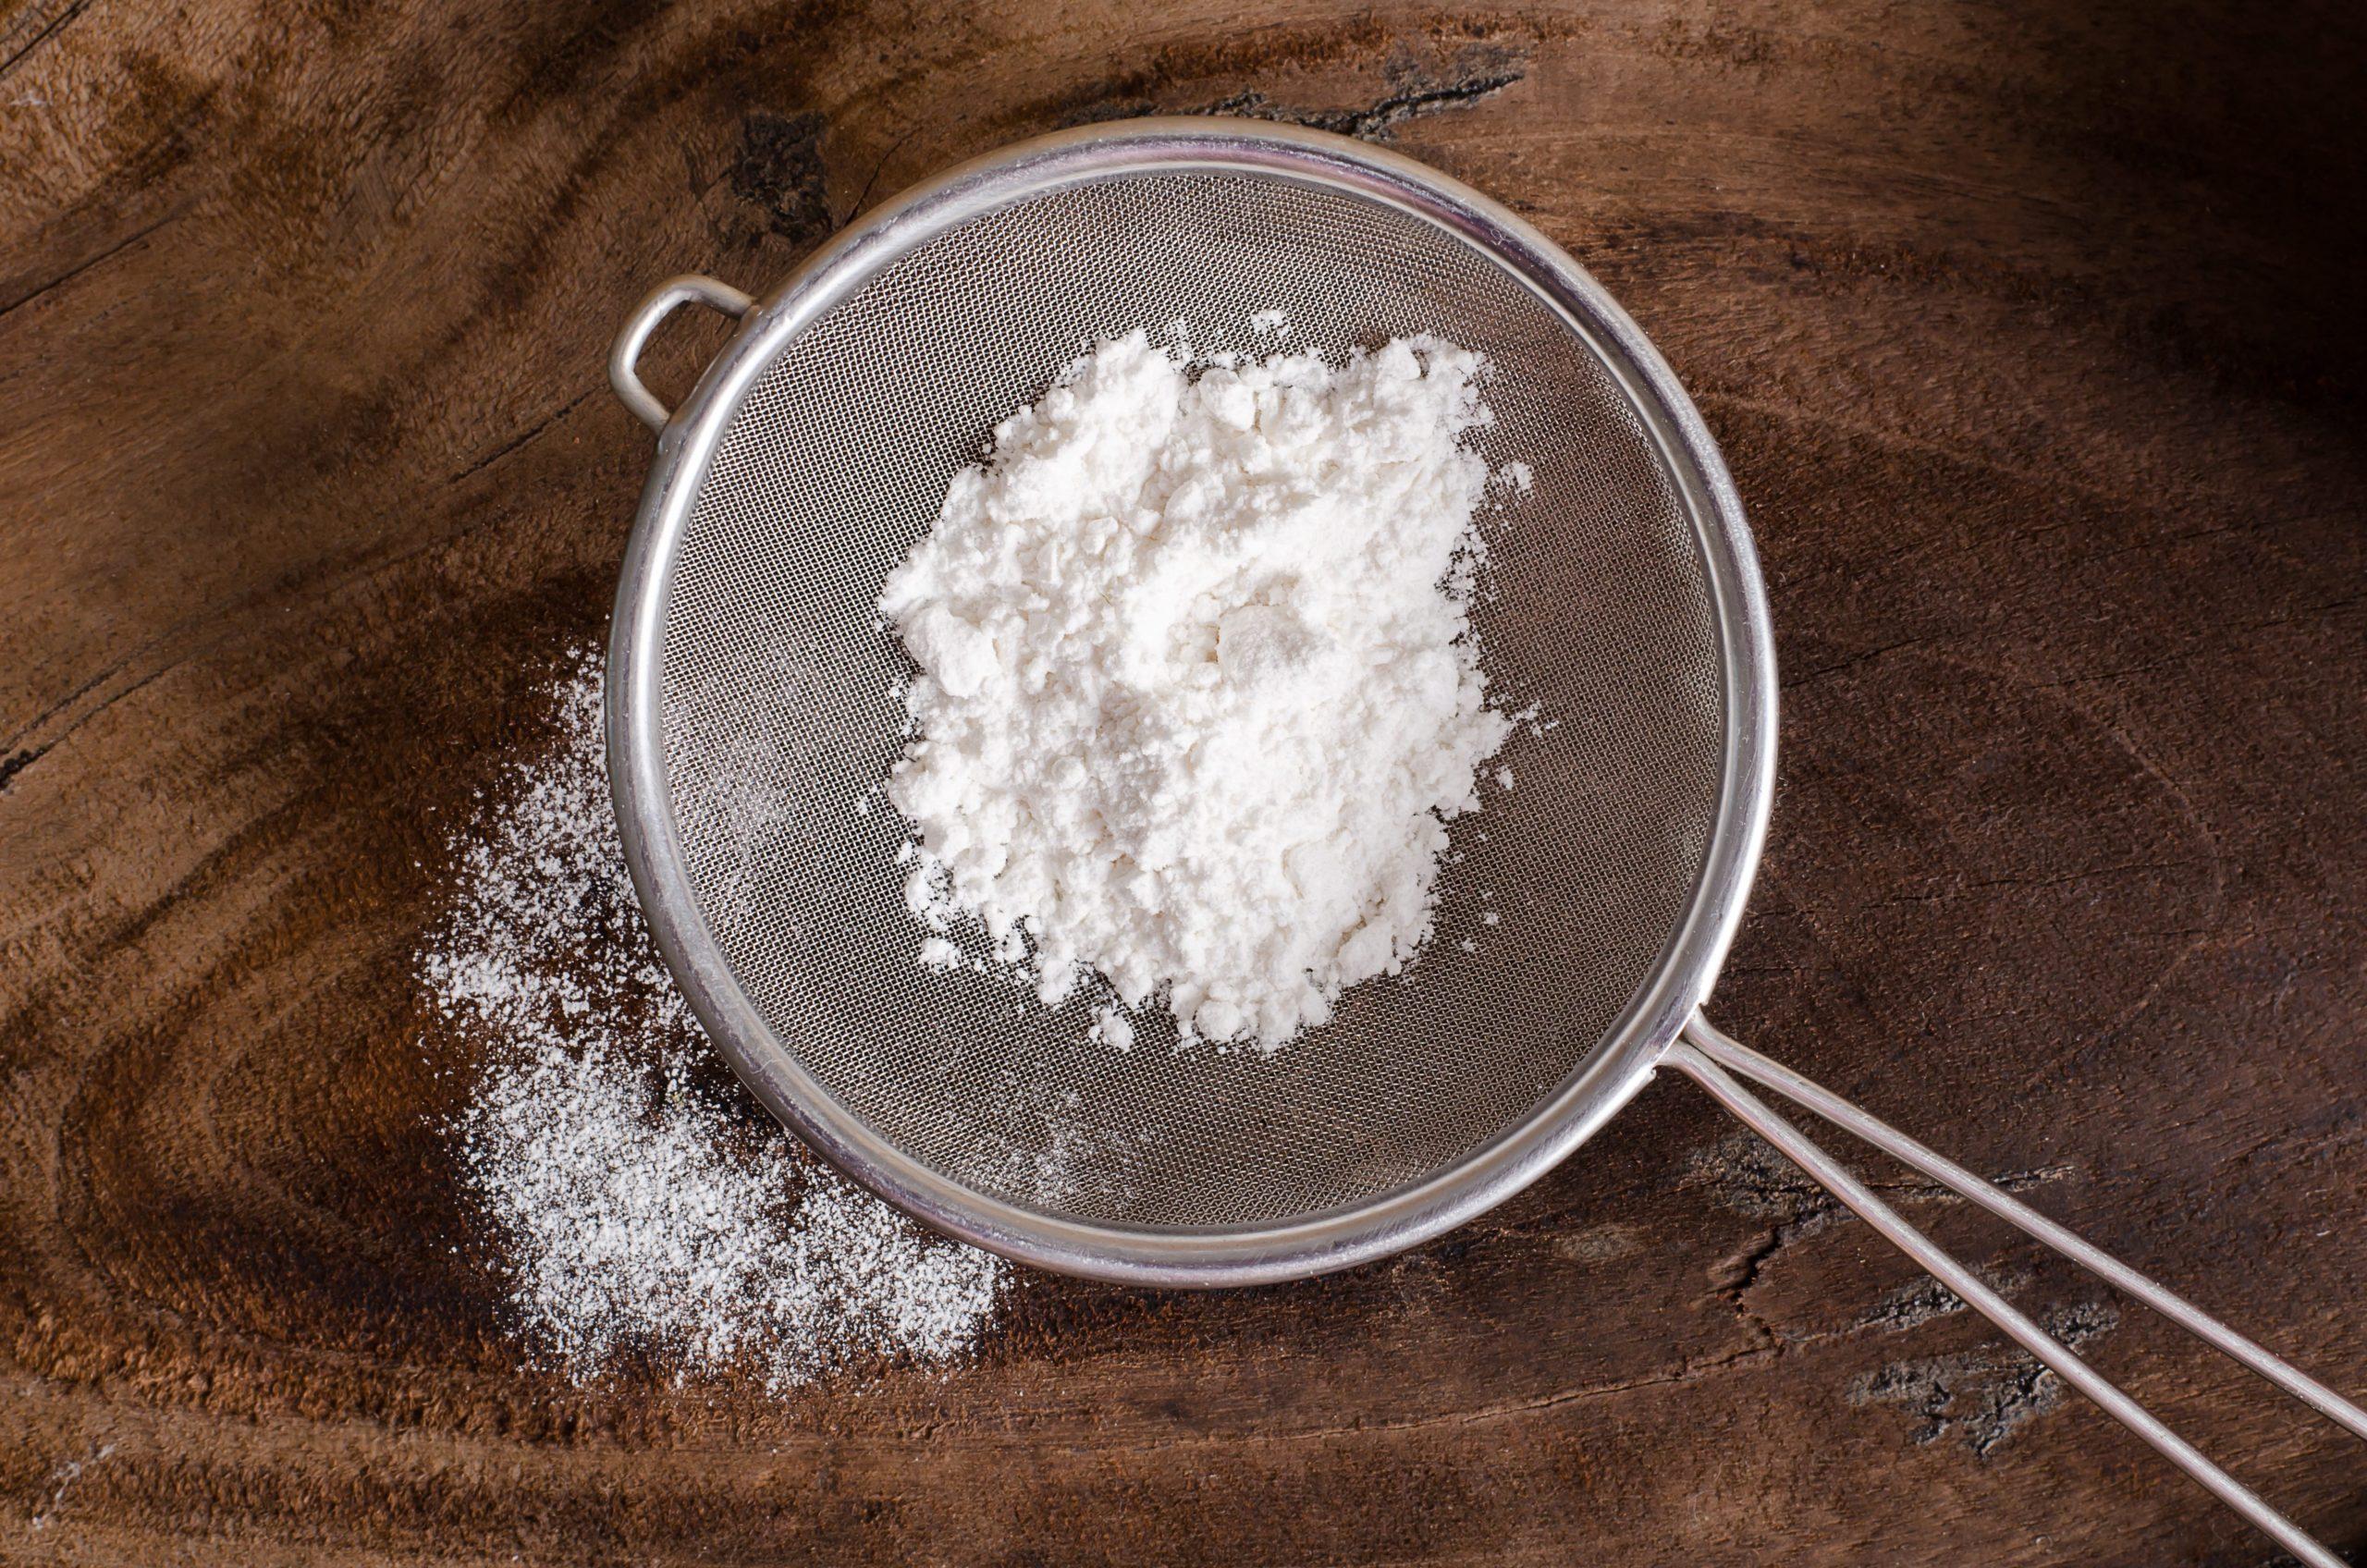 flour in a sieve